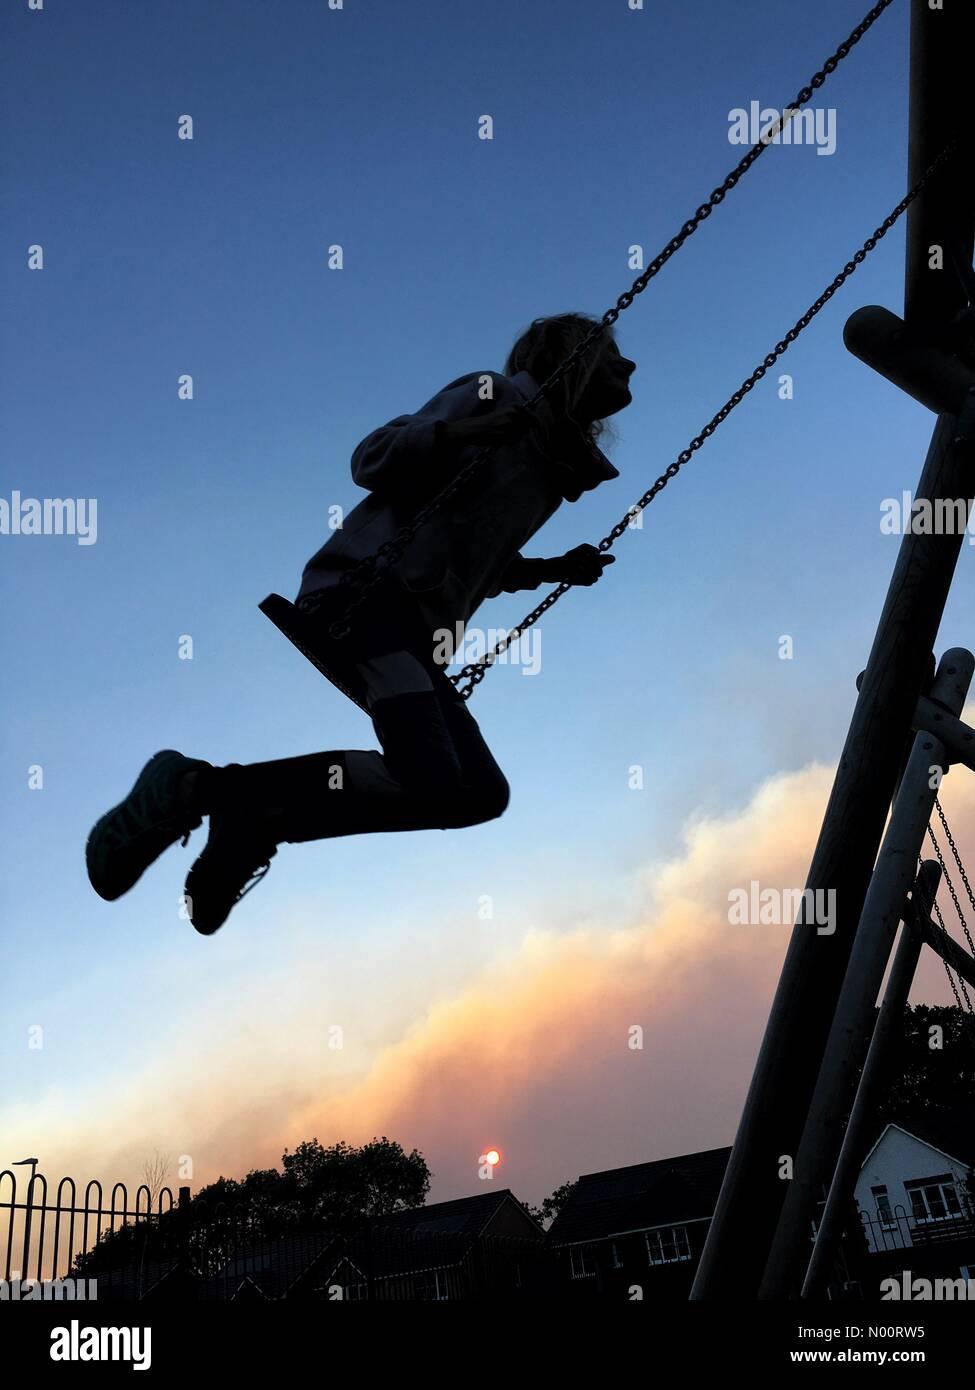 Smoke Play Stock Photos & Smoke Play Stock Images - Alamy